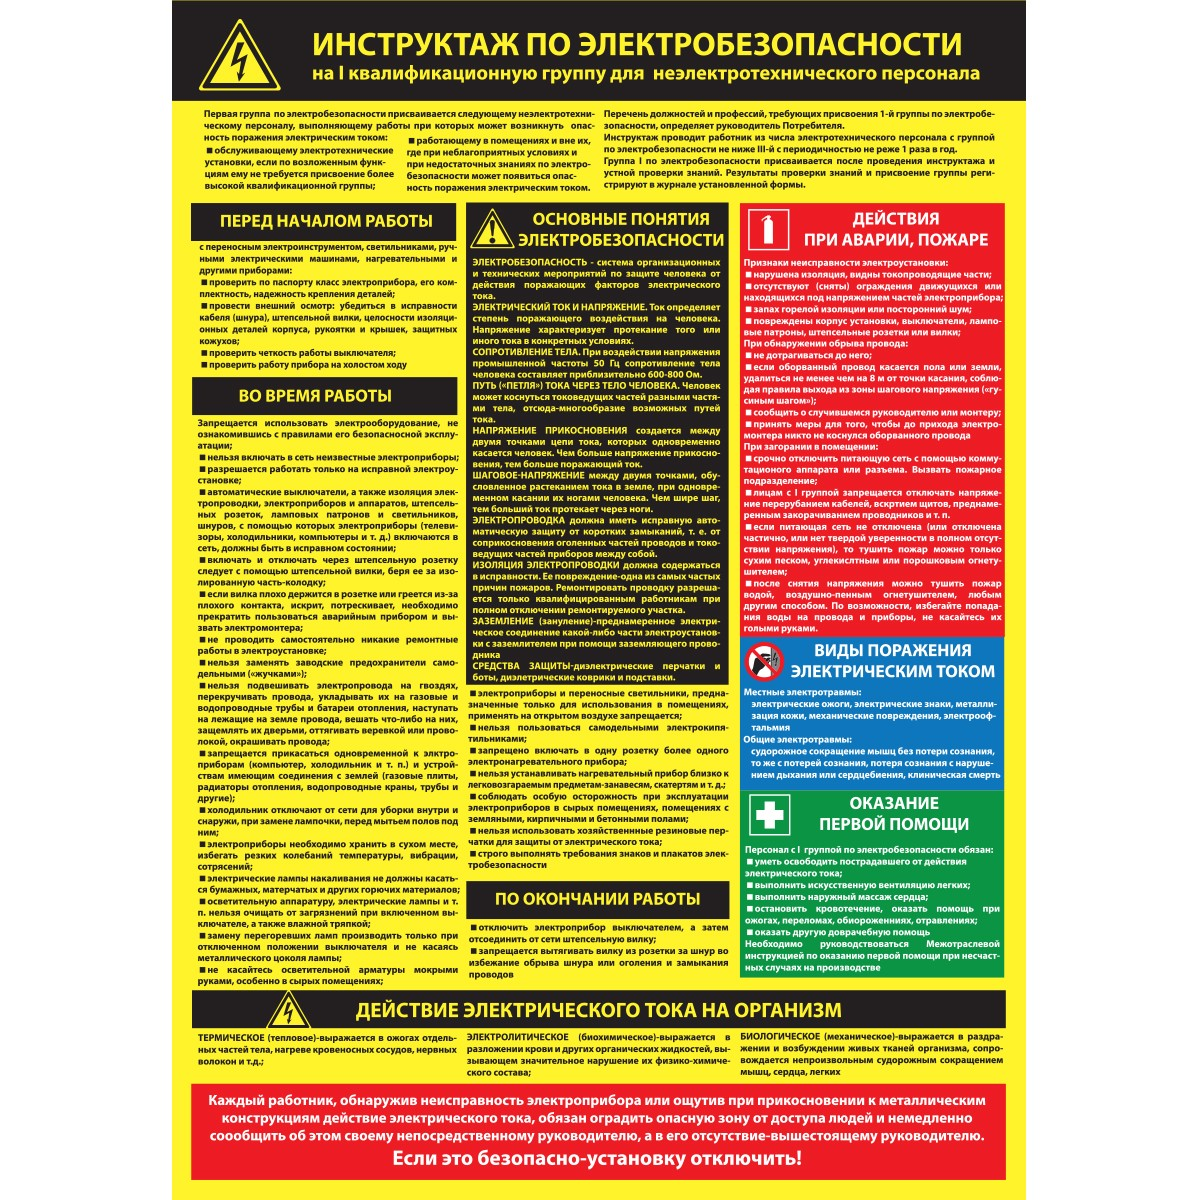 Скачать плакат по электробезопасности 1 группа экзамен на группу по электробезопасности ответы на